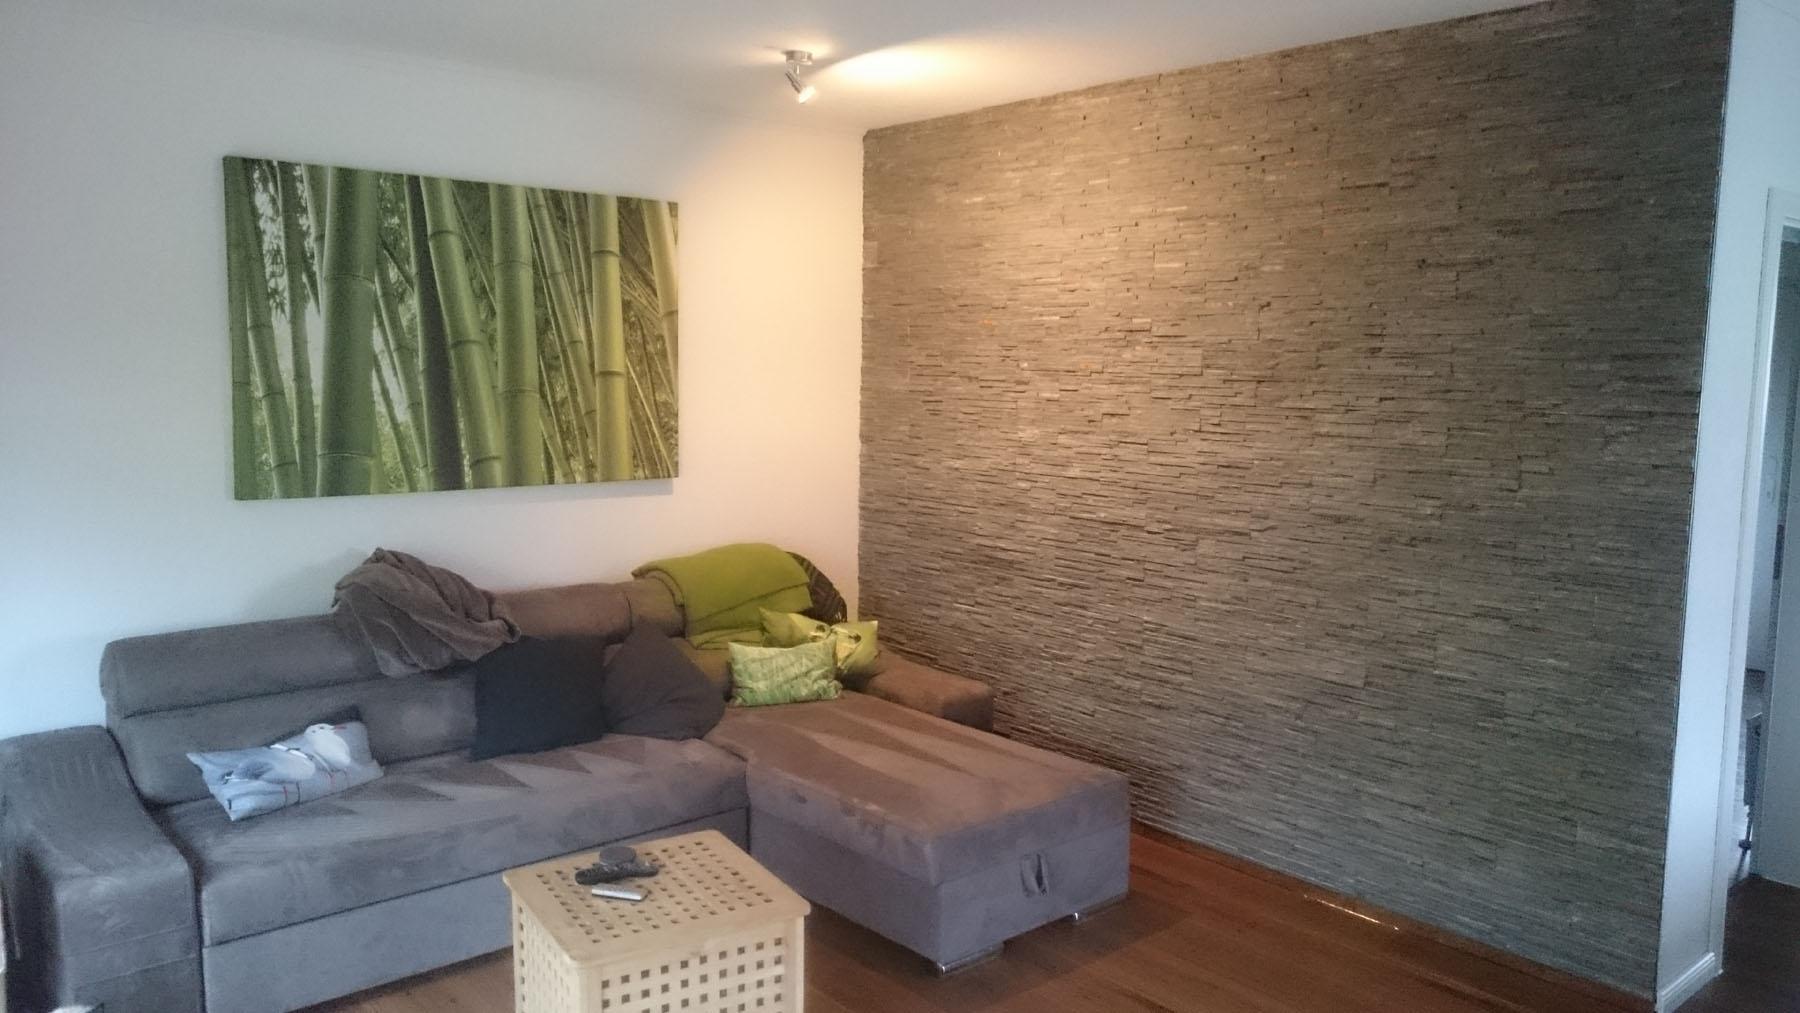 Wandgestaltung ? Backes Verblendsteine Wohnzimmer Grau